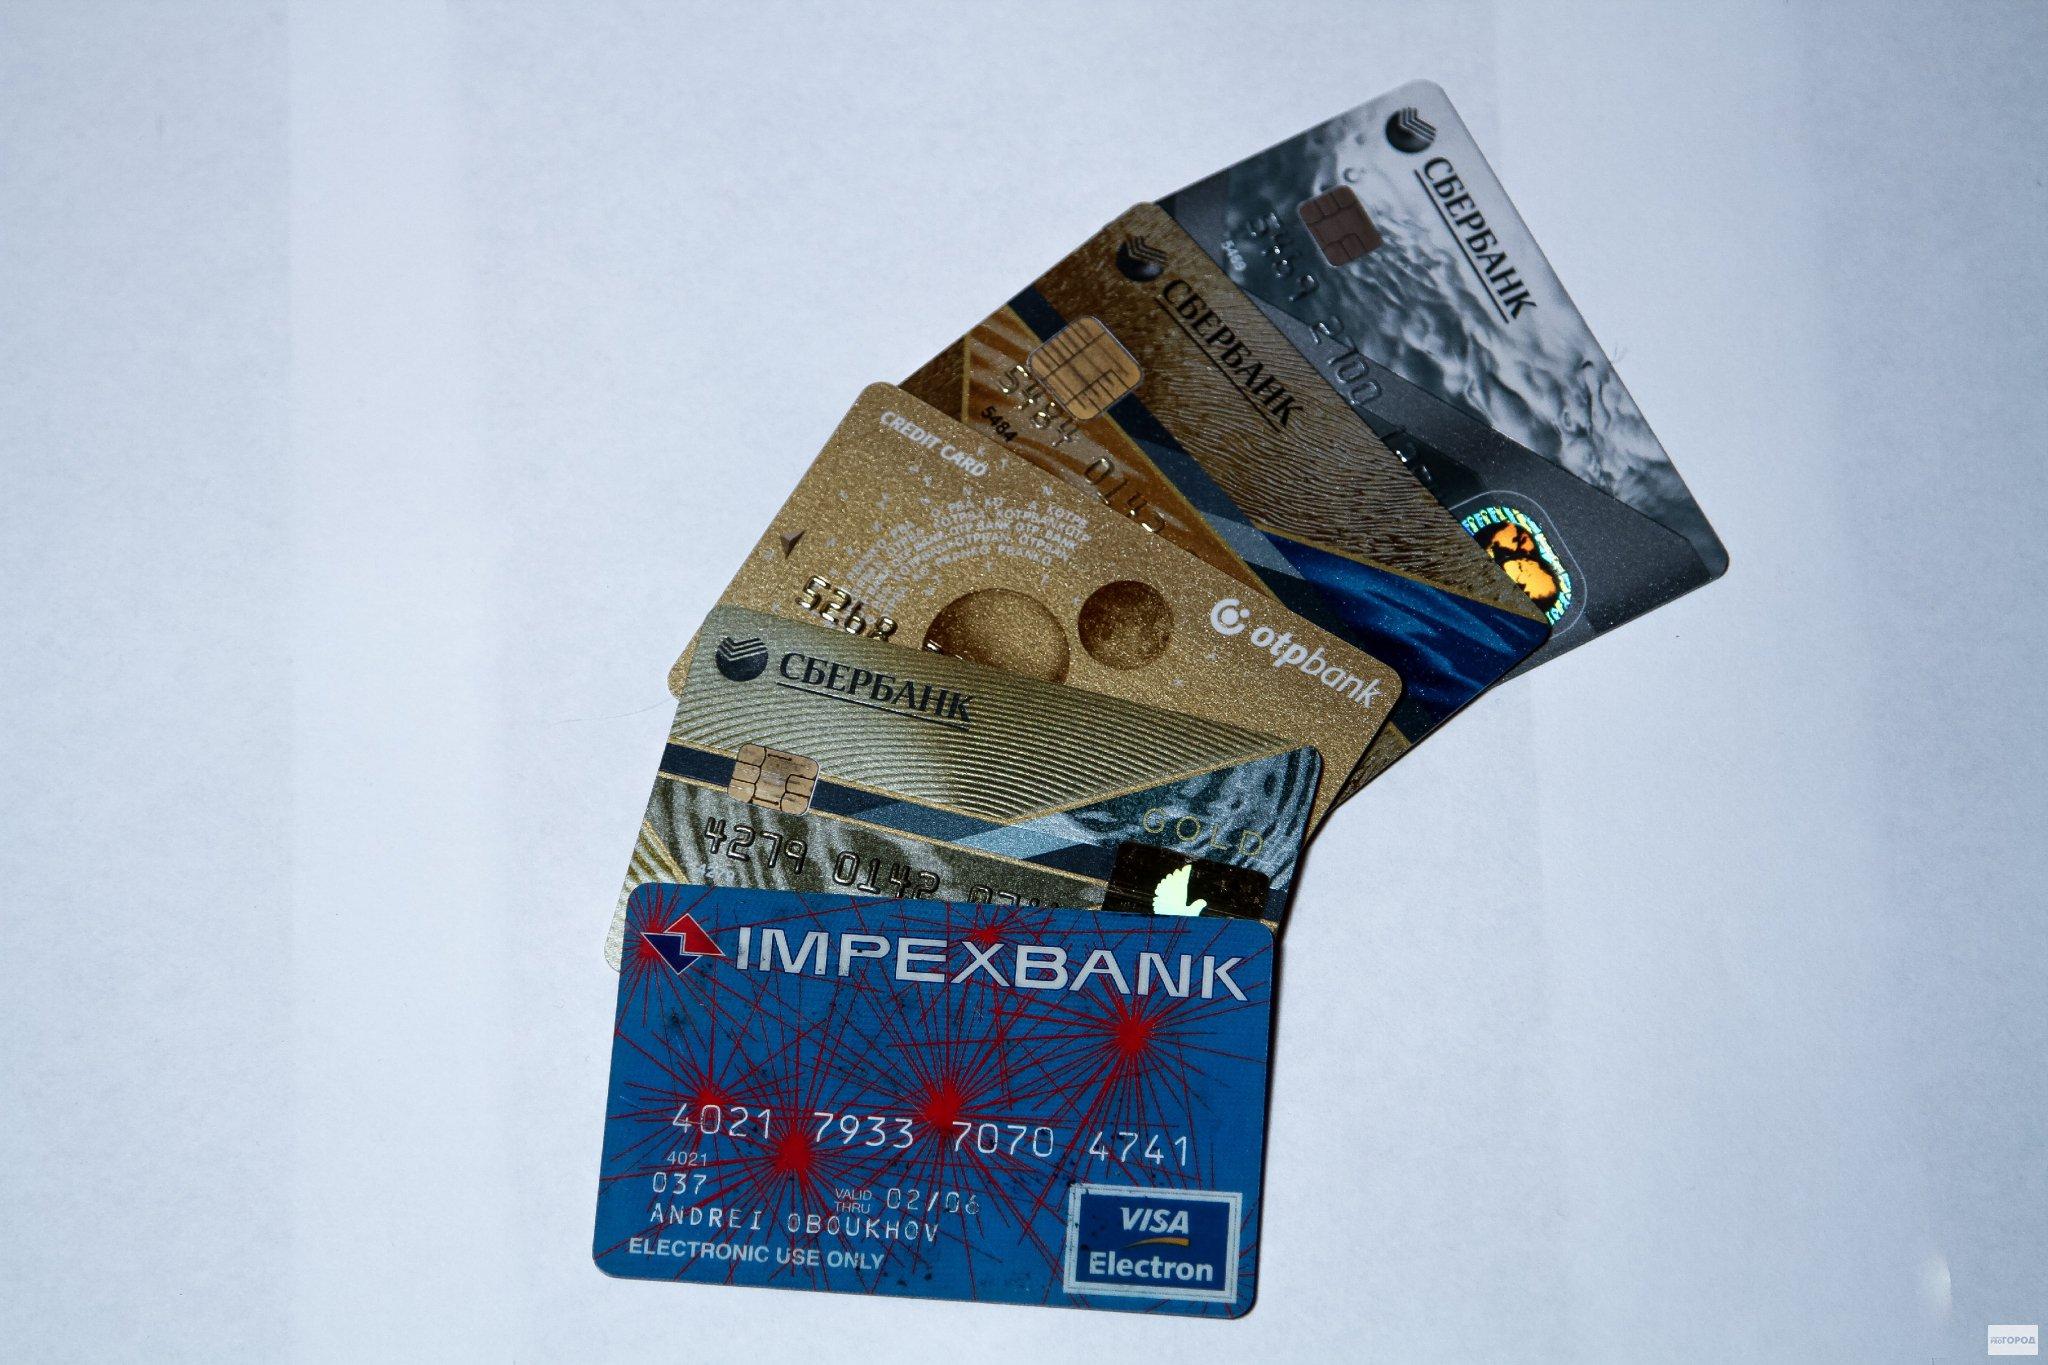 С 1 апреля у чепчан могут возникнуть проблемы при использовании пластиковых карт